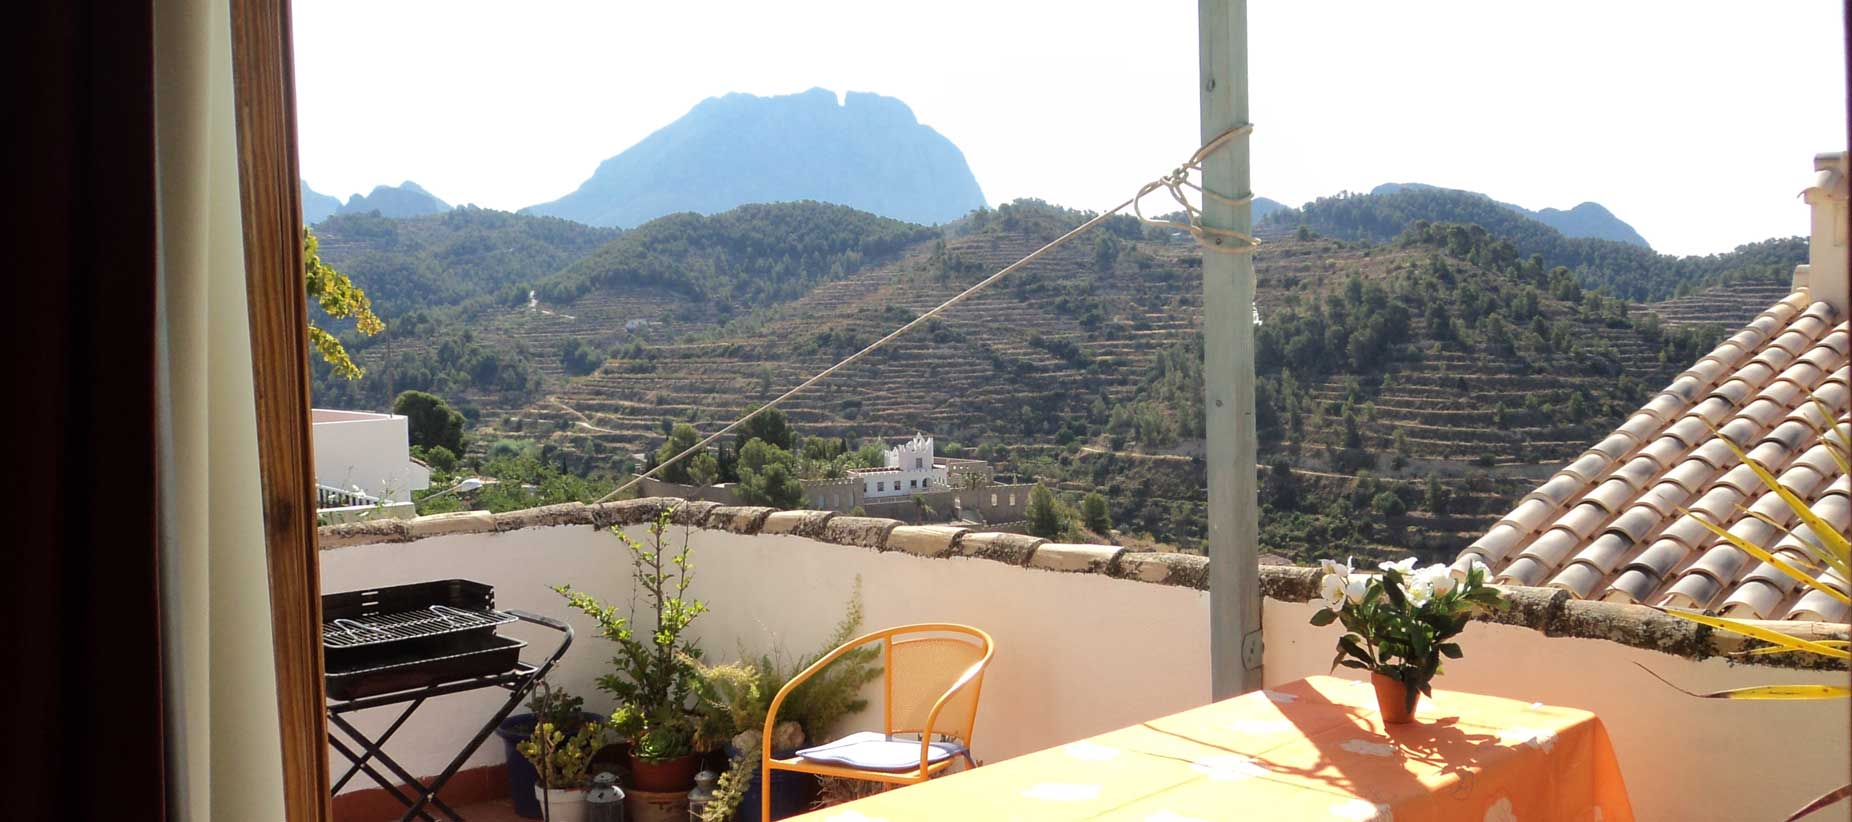 Roc-House-terrace-August-2013